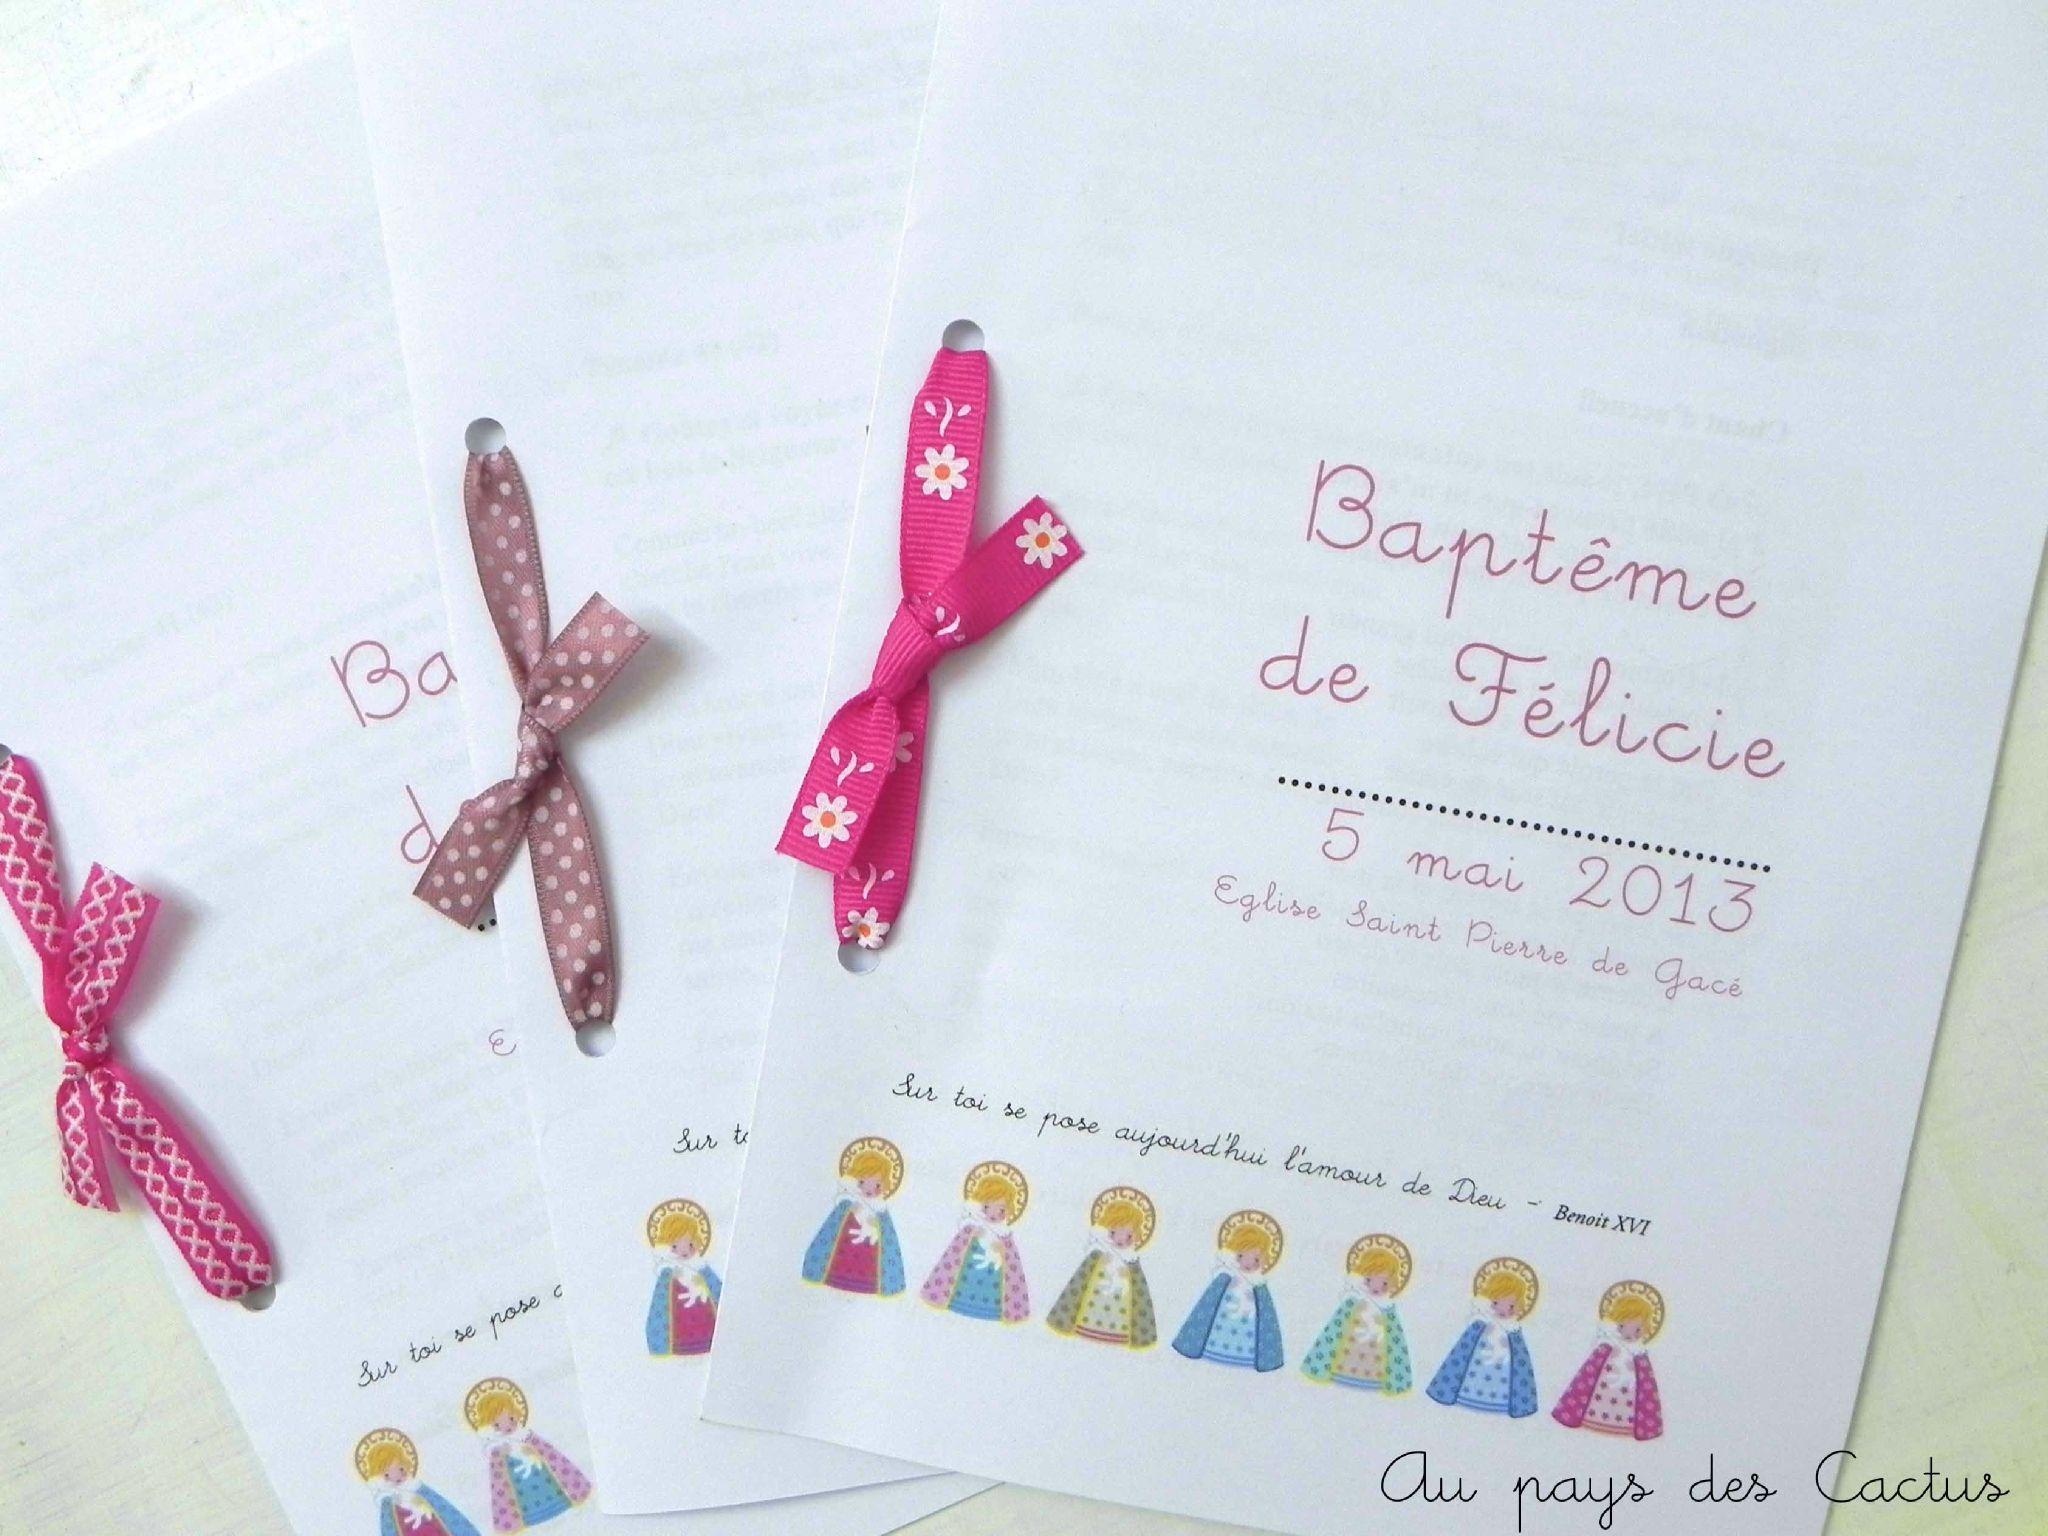 1000 images about baptme on pinterest - Modle Livret De Messe Mariage Gratuit